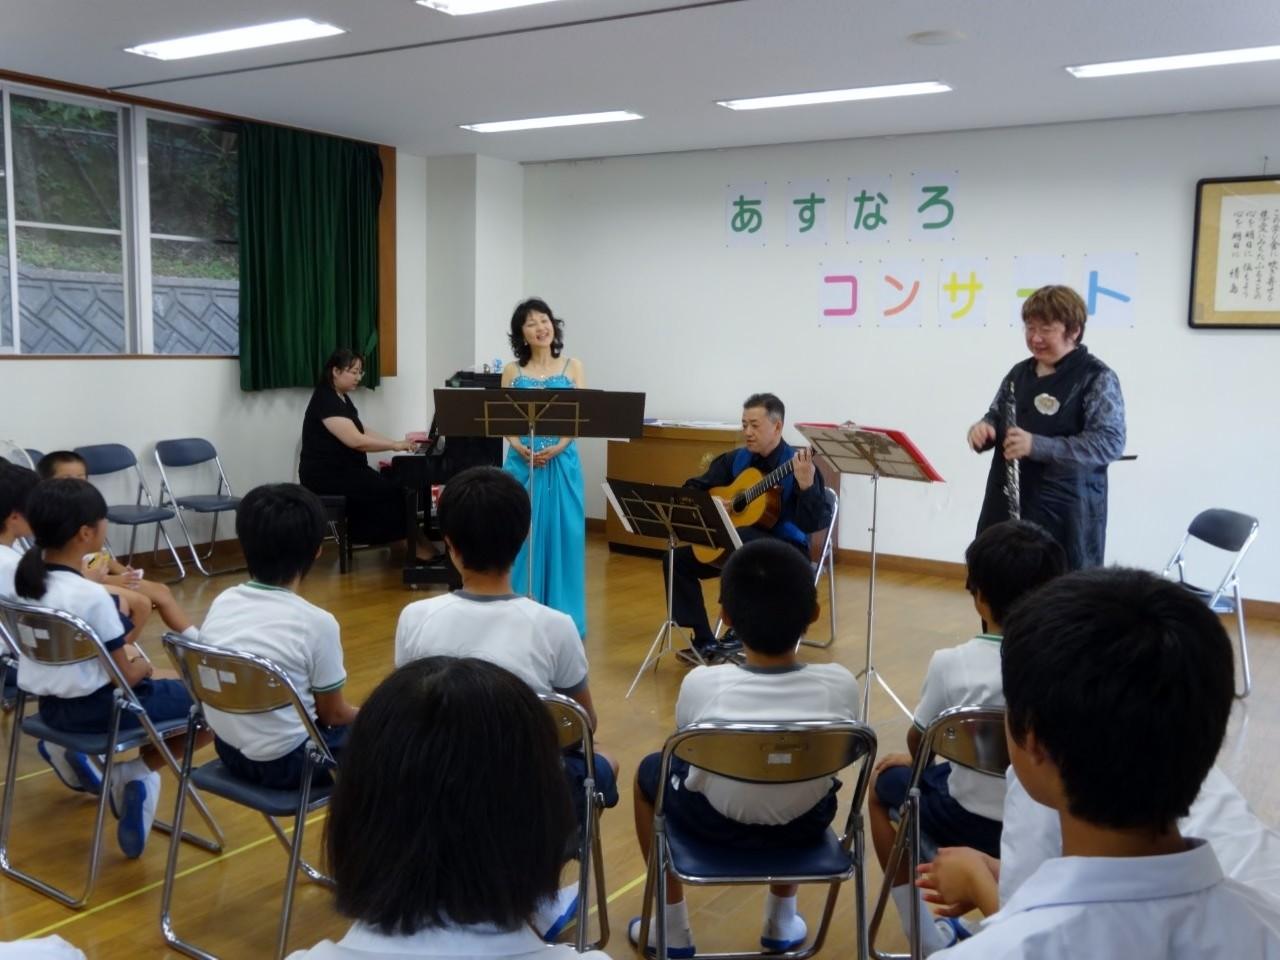 山口県大島郡情島、情島小・中学校♪日本音楽家ユニオン主催「あすなろコンサート」